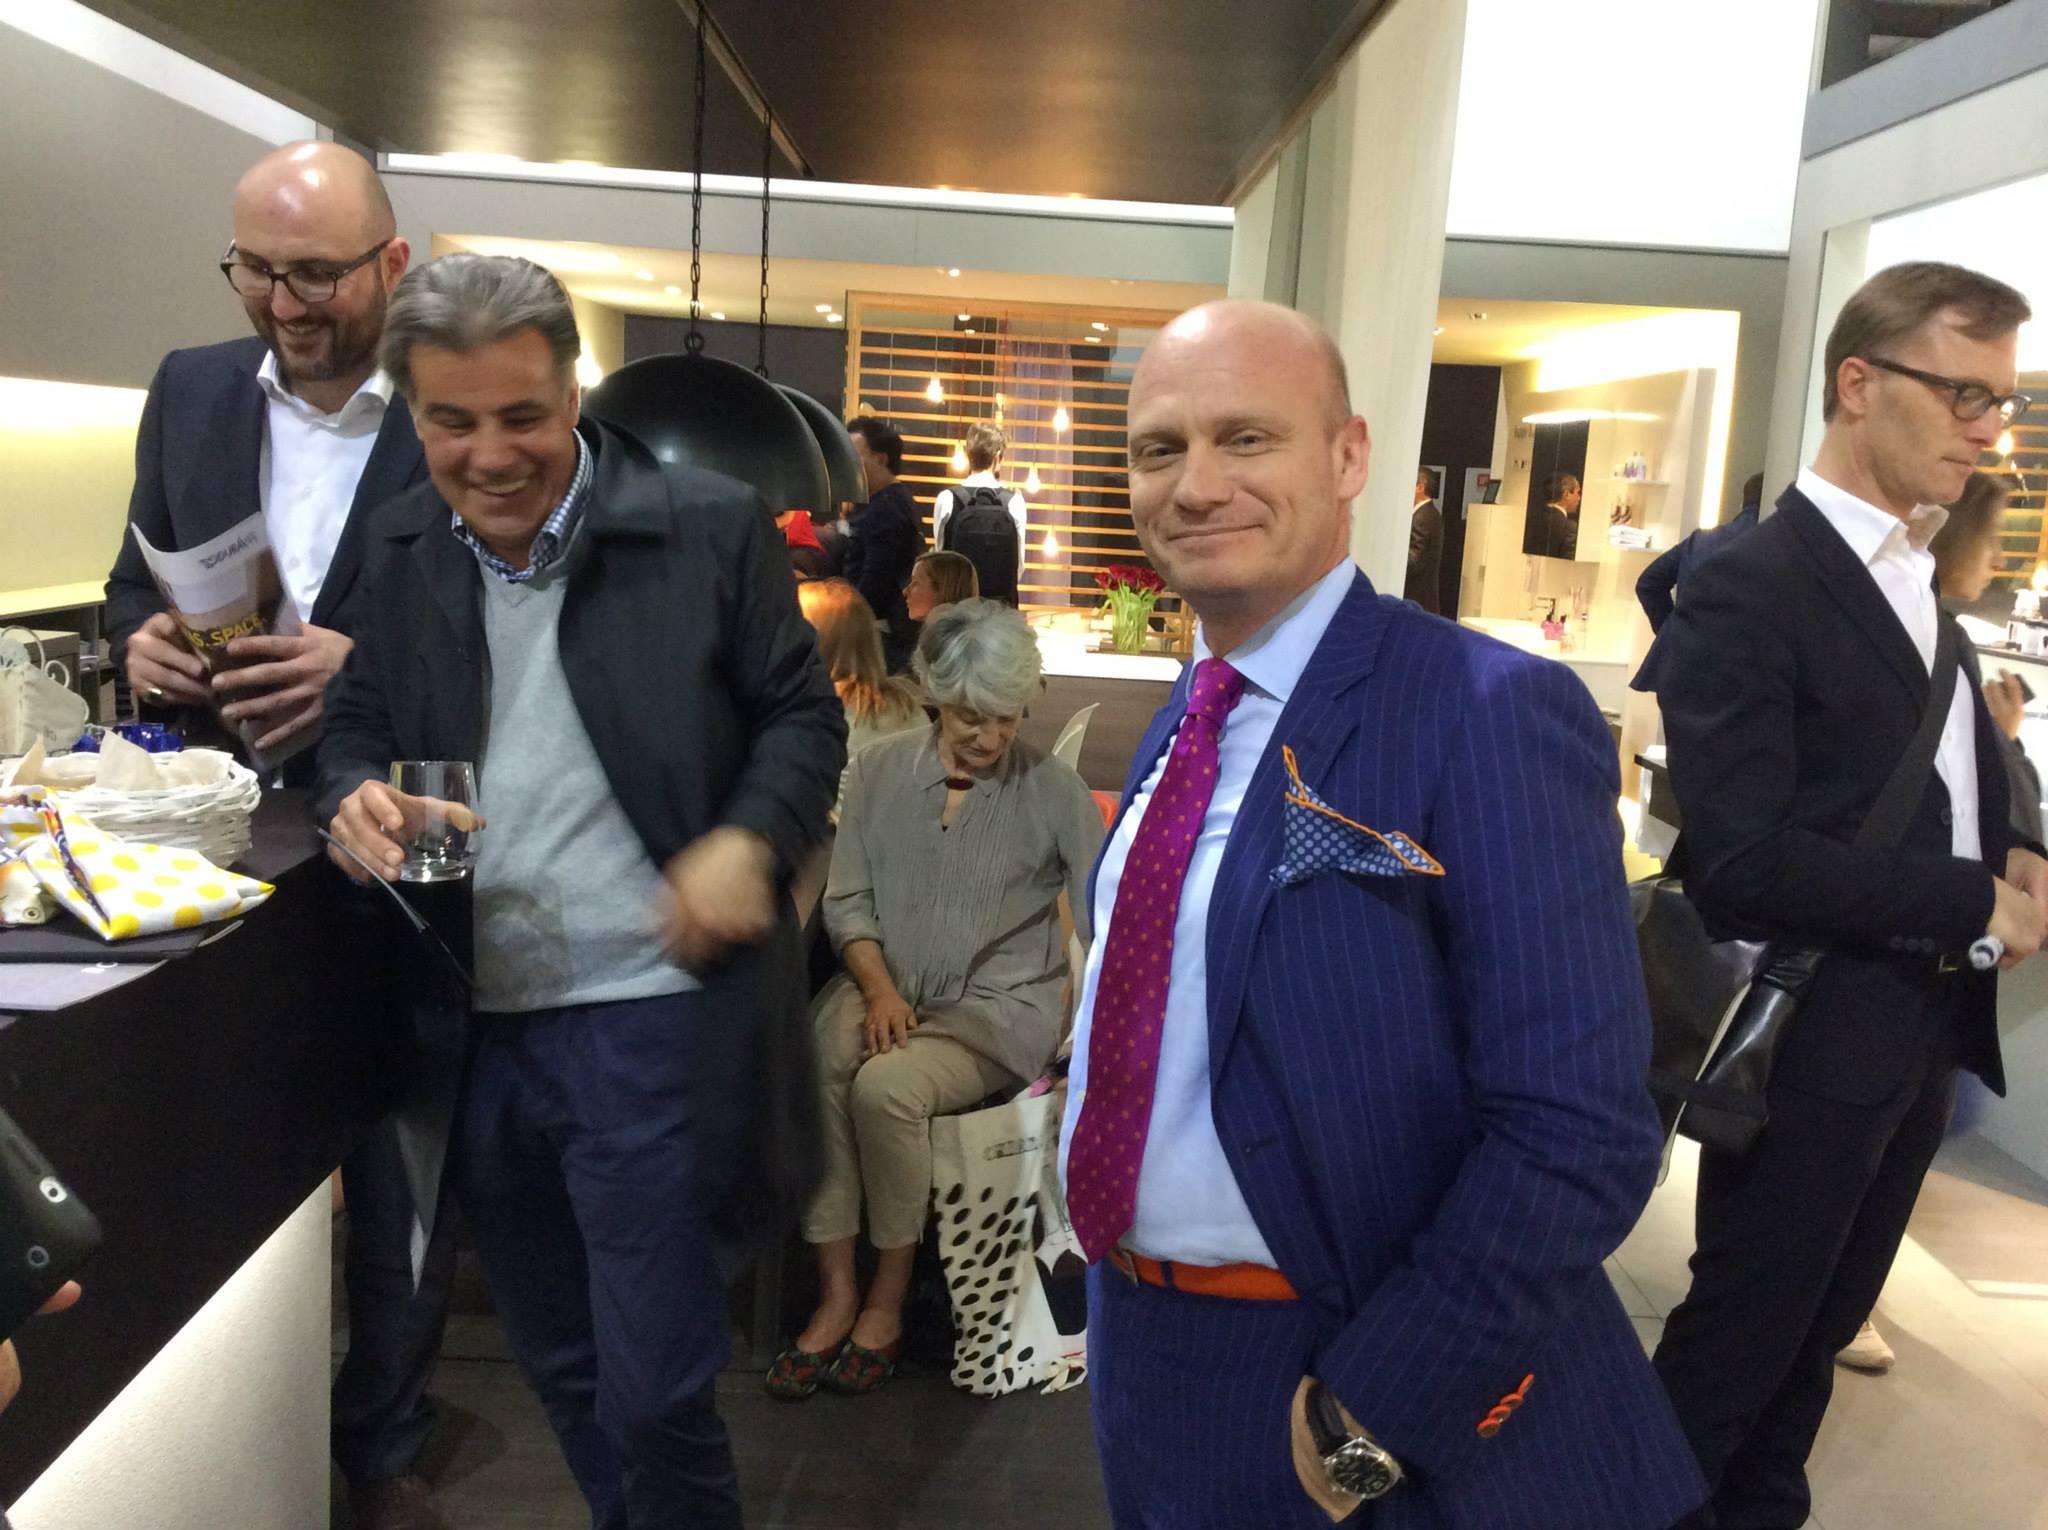 Майкл Зигер (на переднем плане) из дизайн-бюро sieger design беседует на выставочном стенде Duravit 2014 в Милане о своих проектах Happy D, X-Large, 2nd floor и т.п.